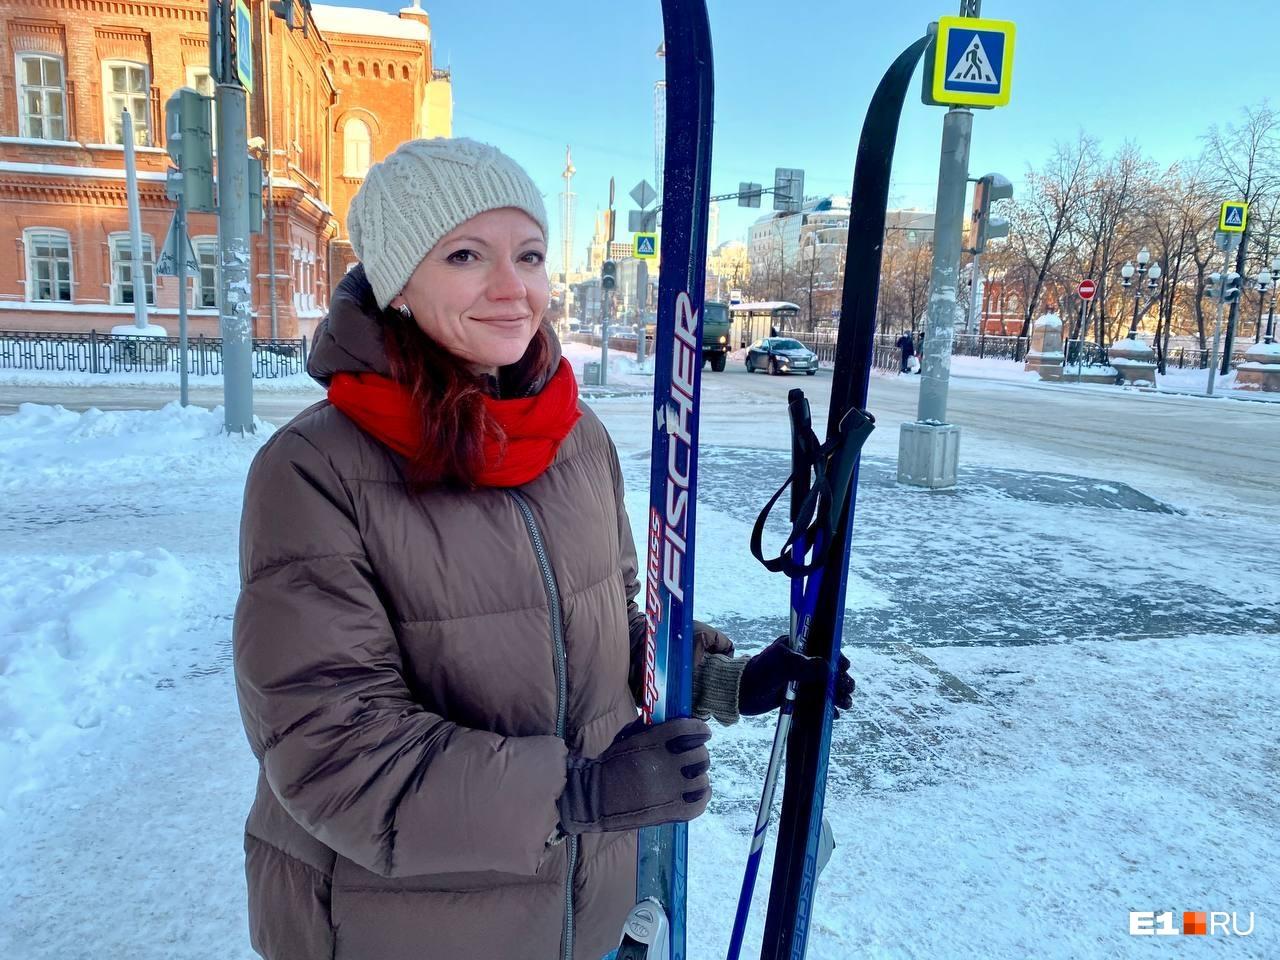 Прохожие ничем не показывали своего удивления, будто каждый день по проспекту Ленина ходят на лыжах